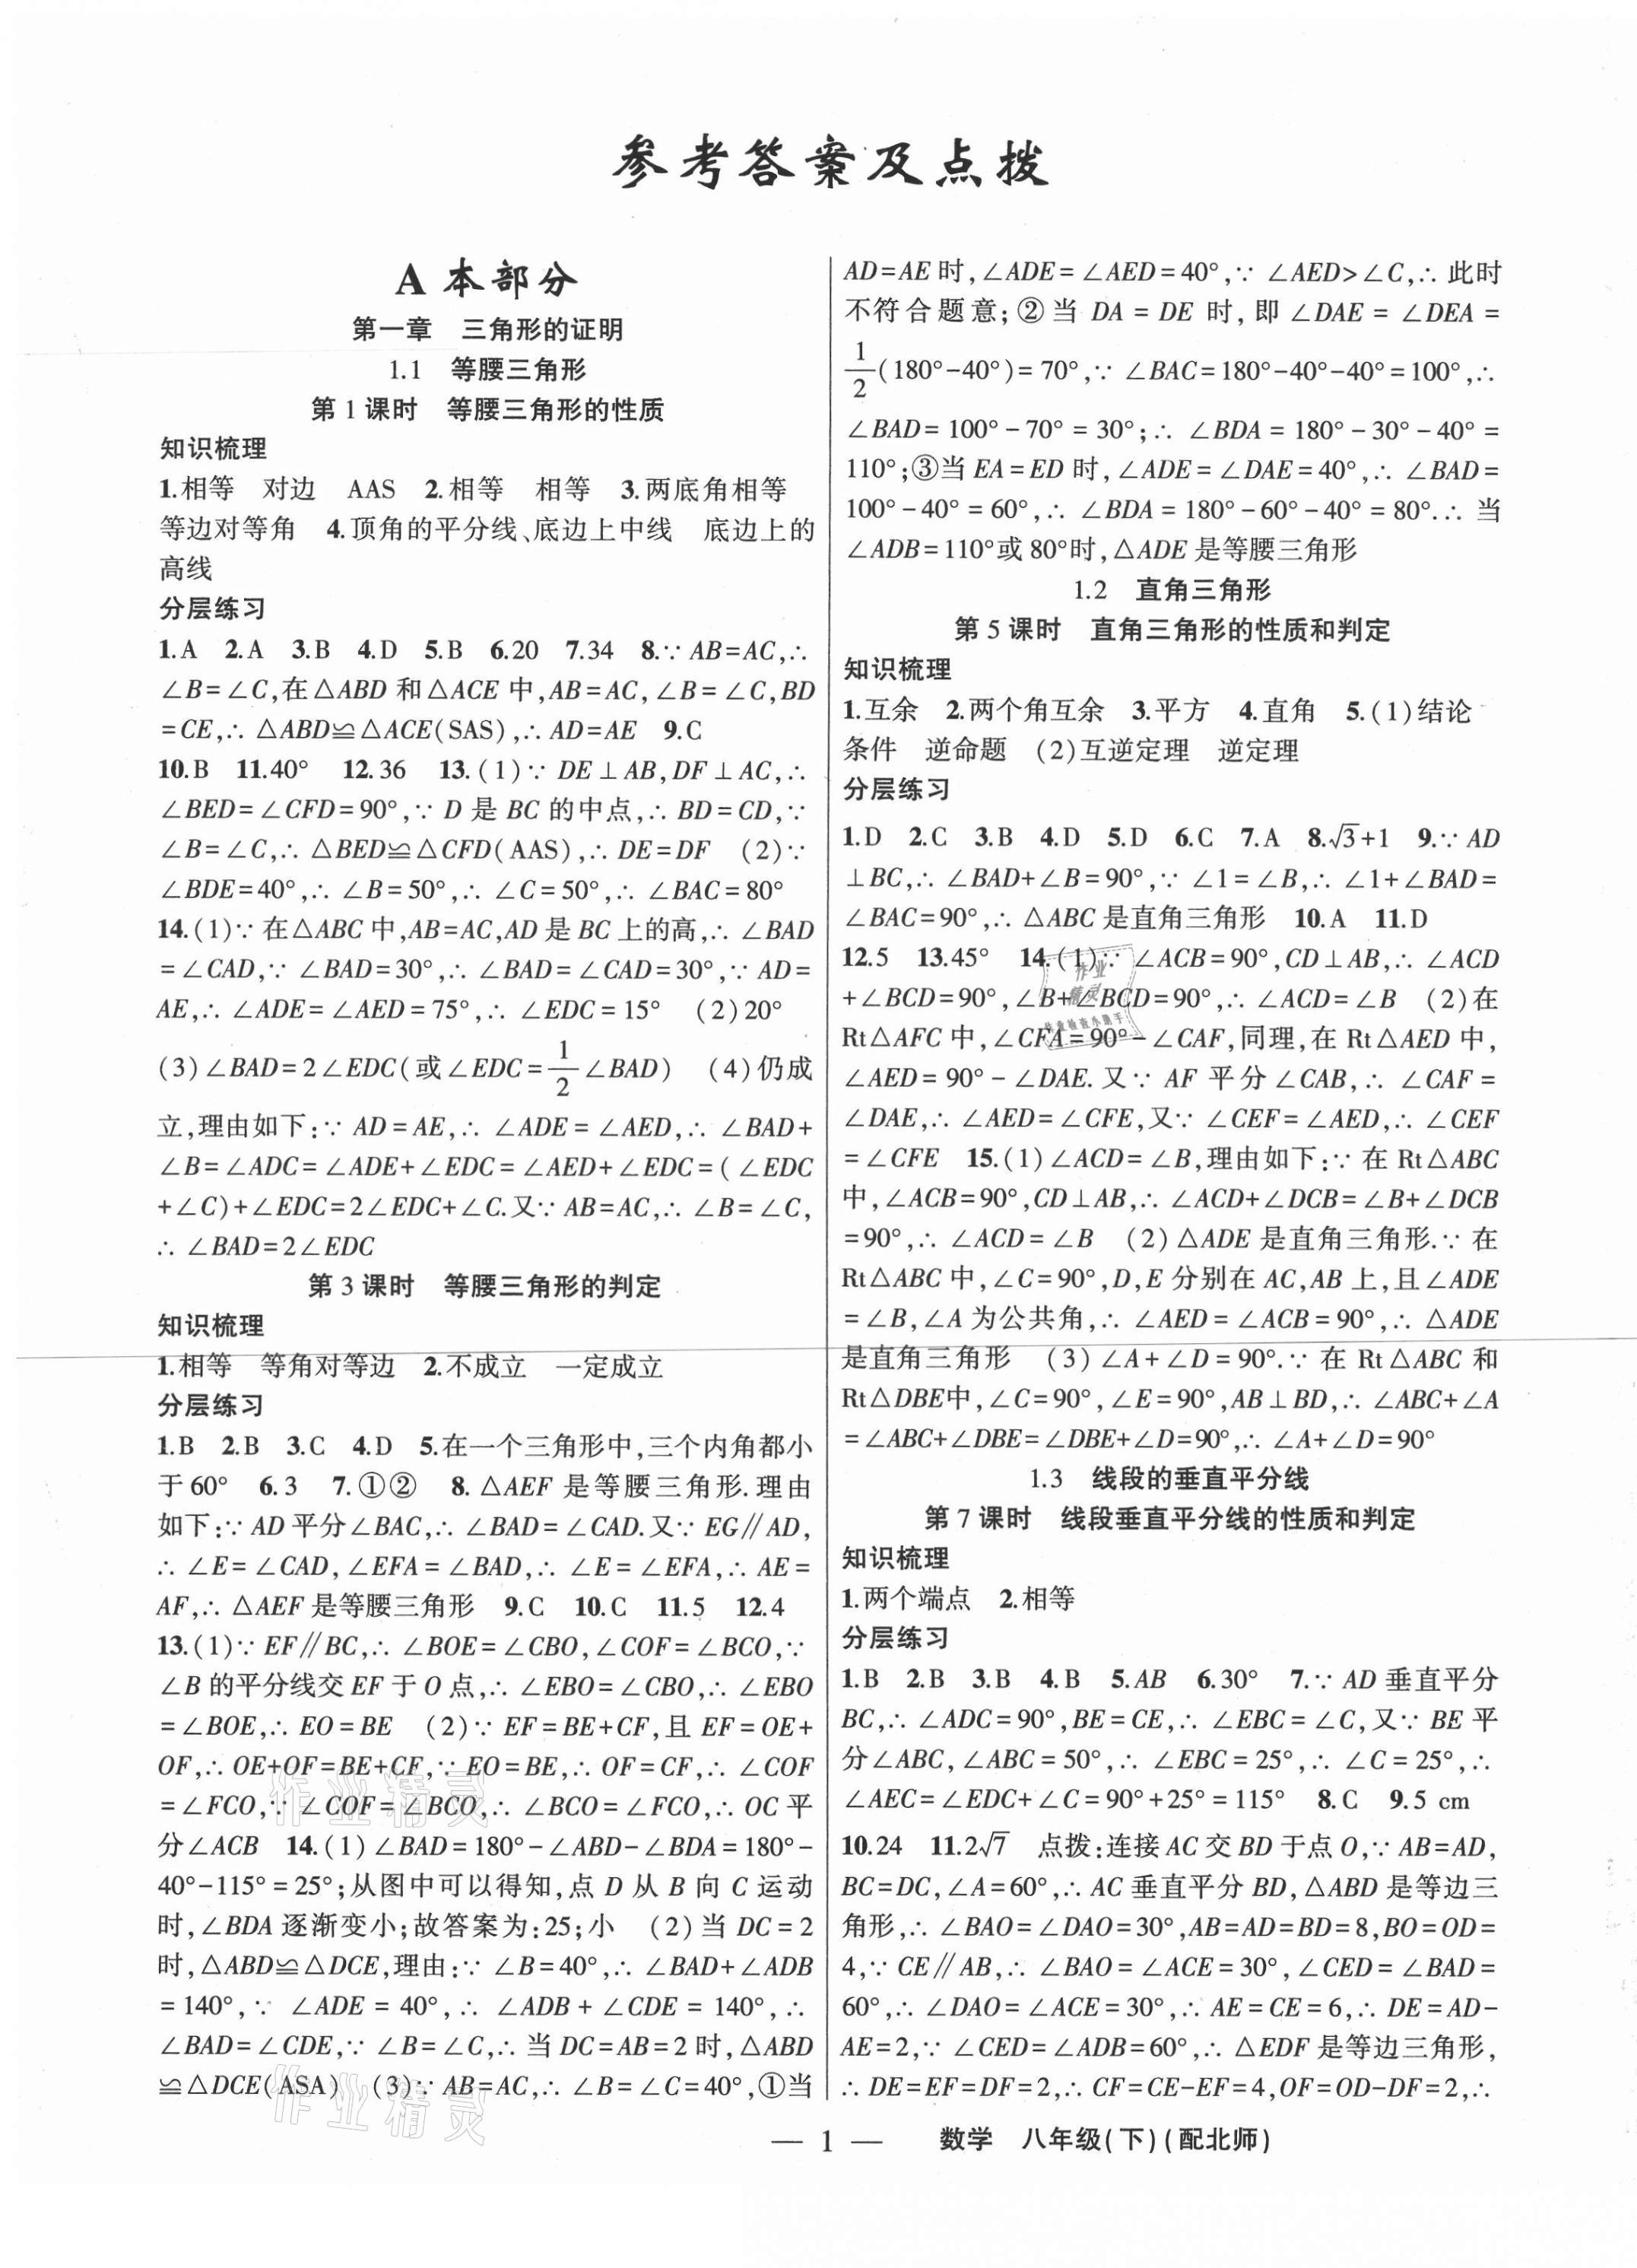 2021年原创新课堂八年级数学下册北师大版深圳专版第1页